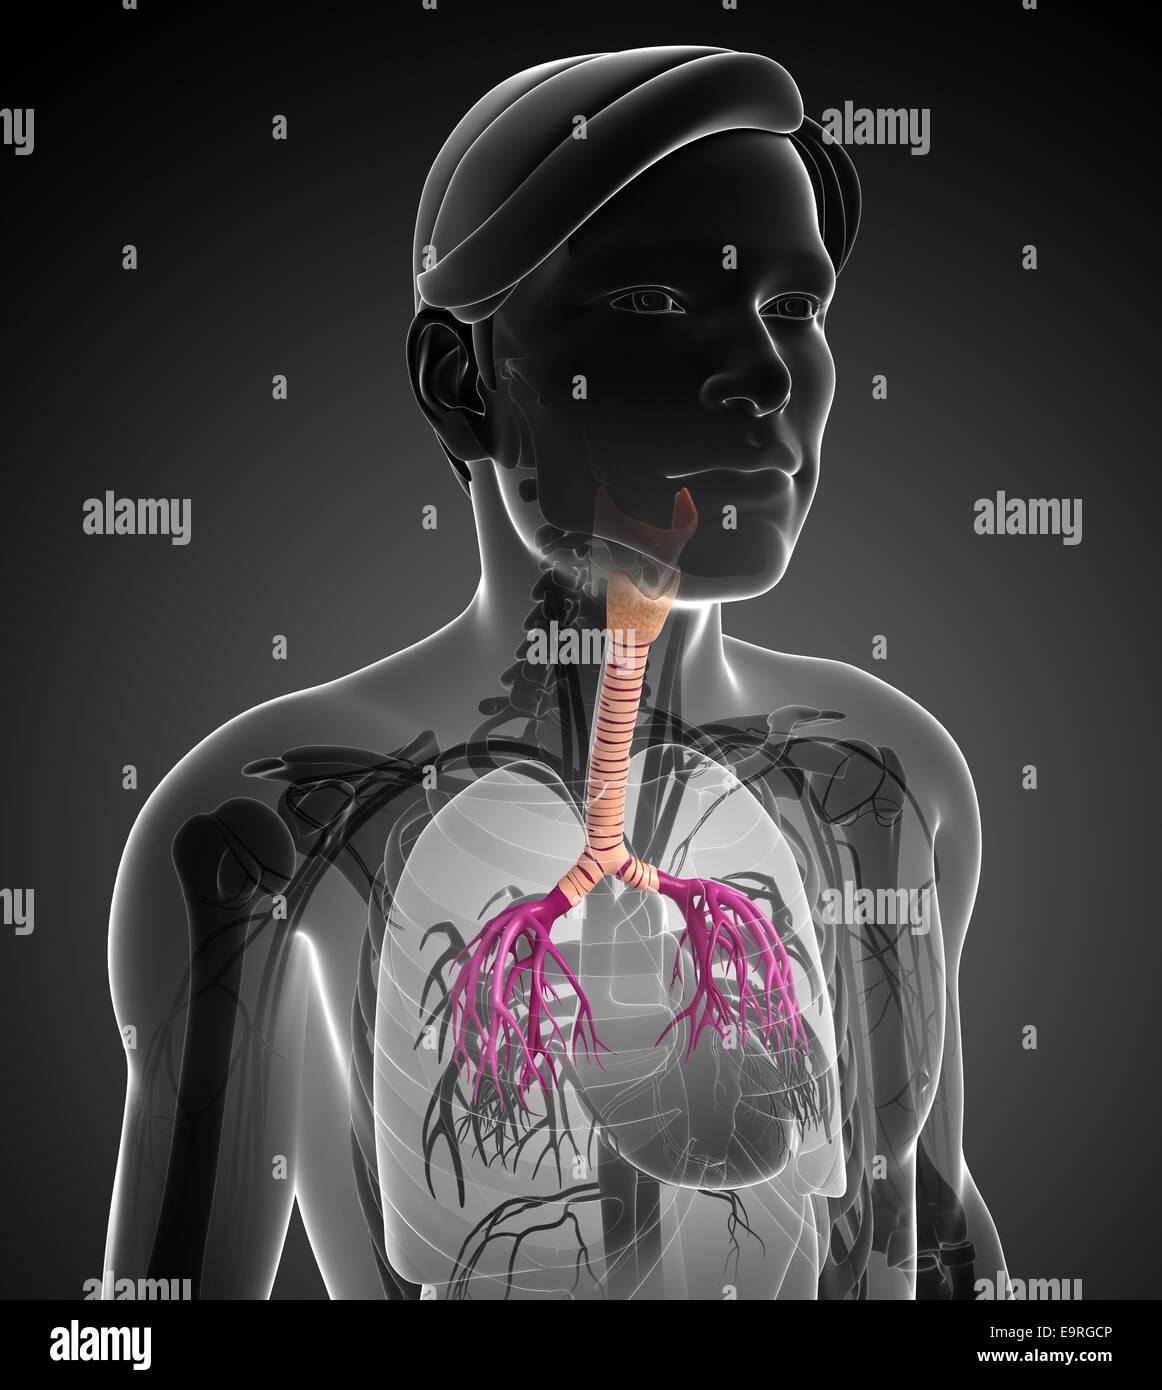 Increíble Anatomía De La Garganta Masculina Imágenes - Anatomía de ...